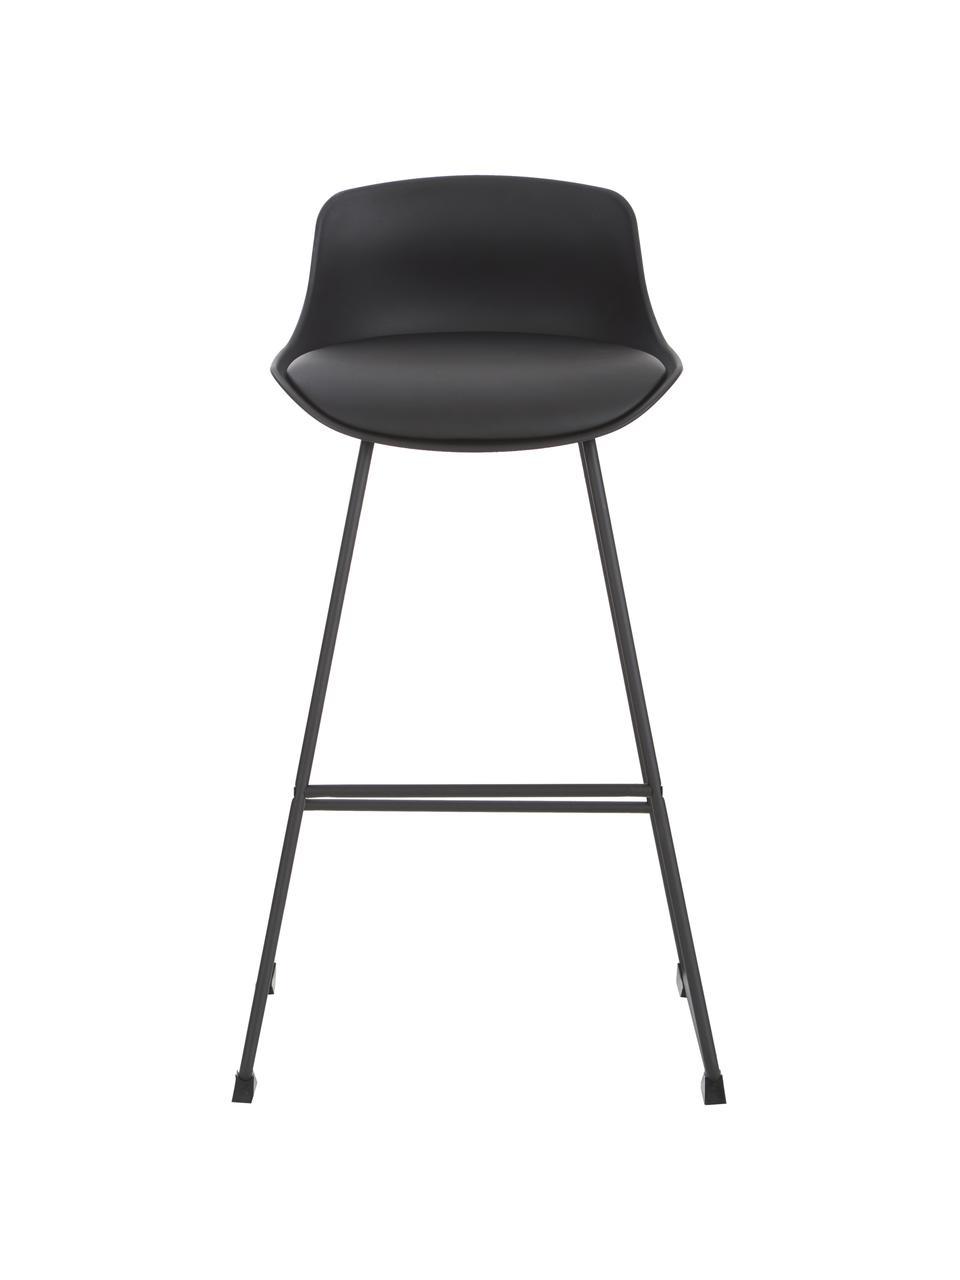 Kunstleder-Barstühle Tina in Schwarz, 2 Stück, Bezug: Kunstleder (Polyurethan), Beine: Metall, pulverbeschichtet, Schwarz, 49 x 94 cm